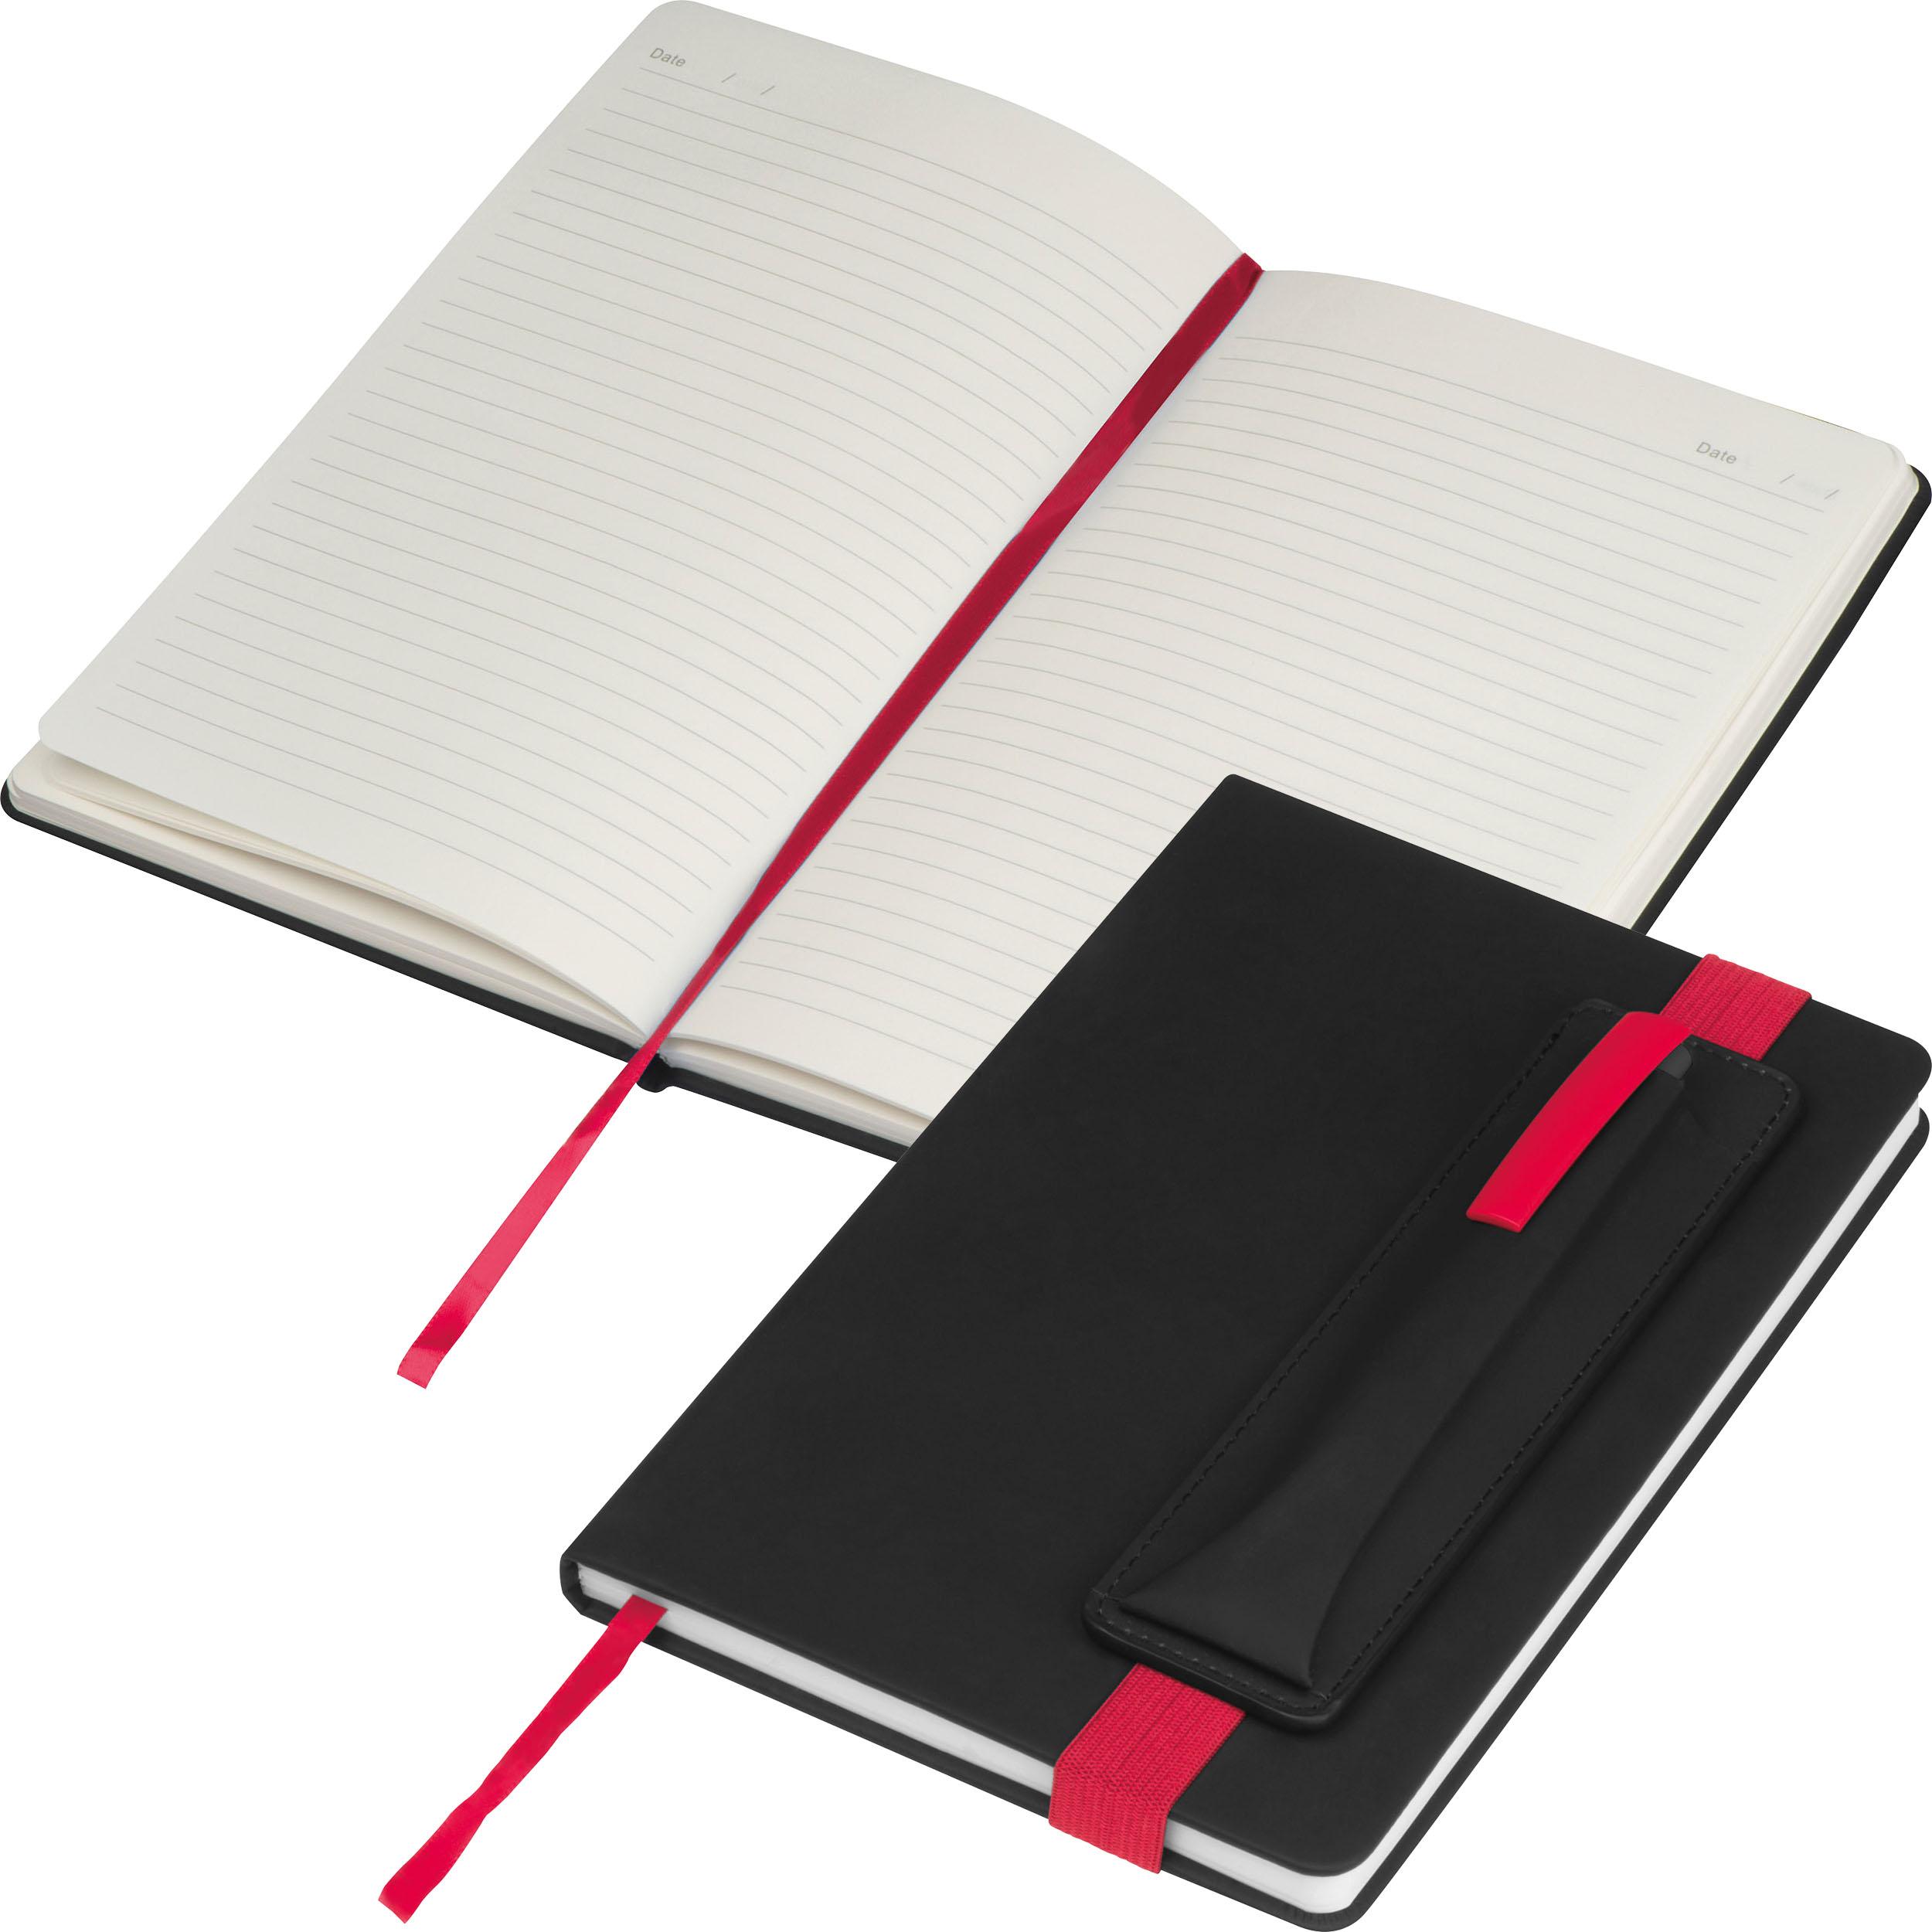 Carnet de notes avec des applications en couleur